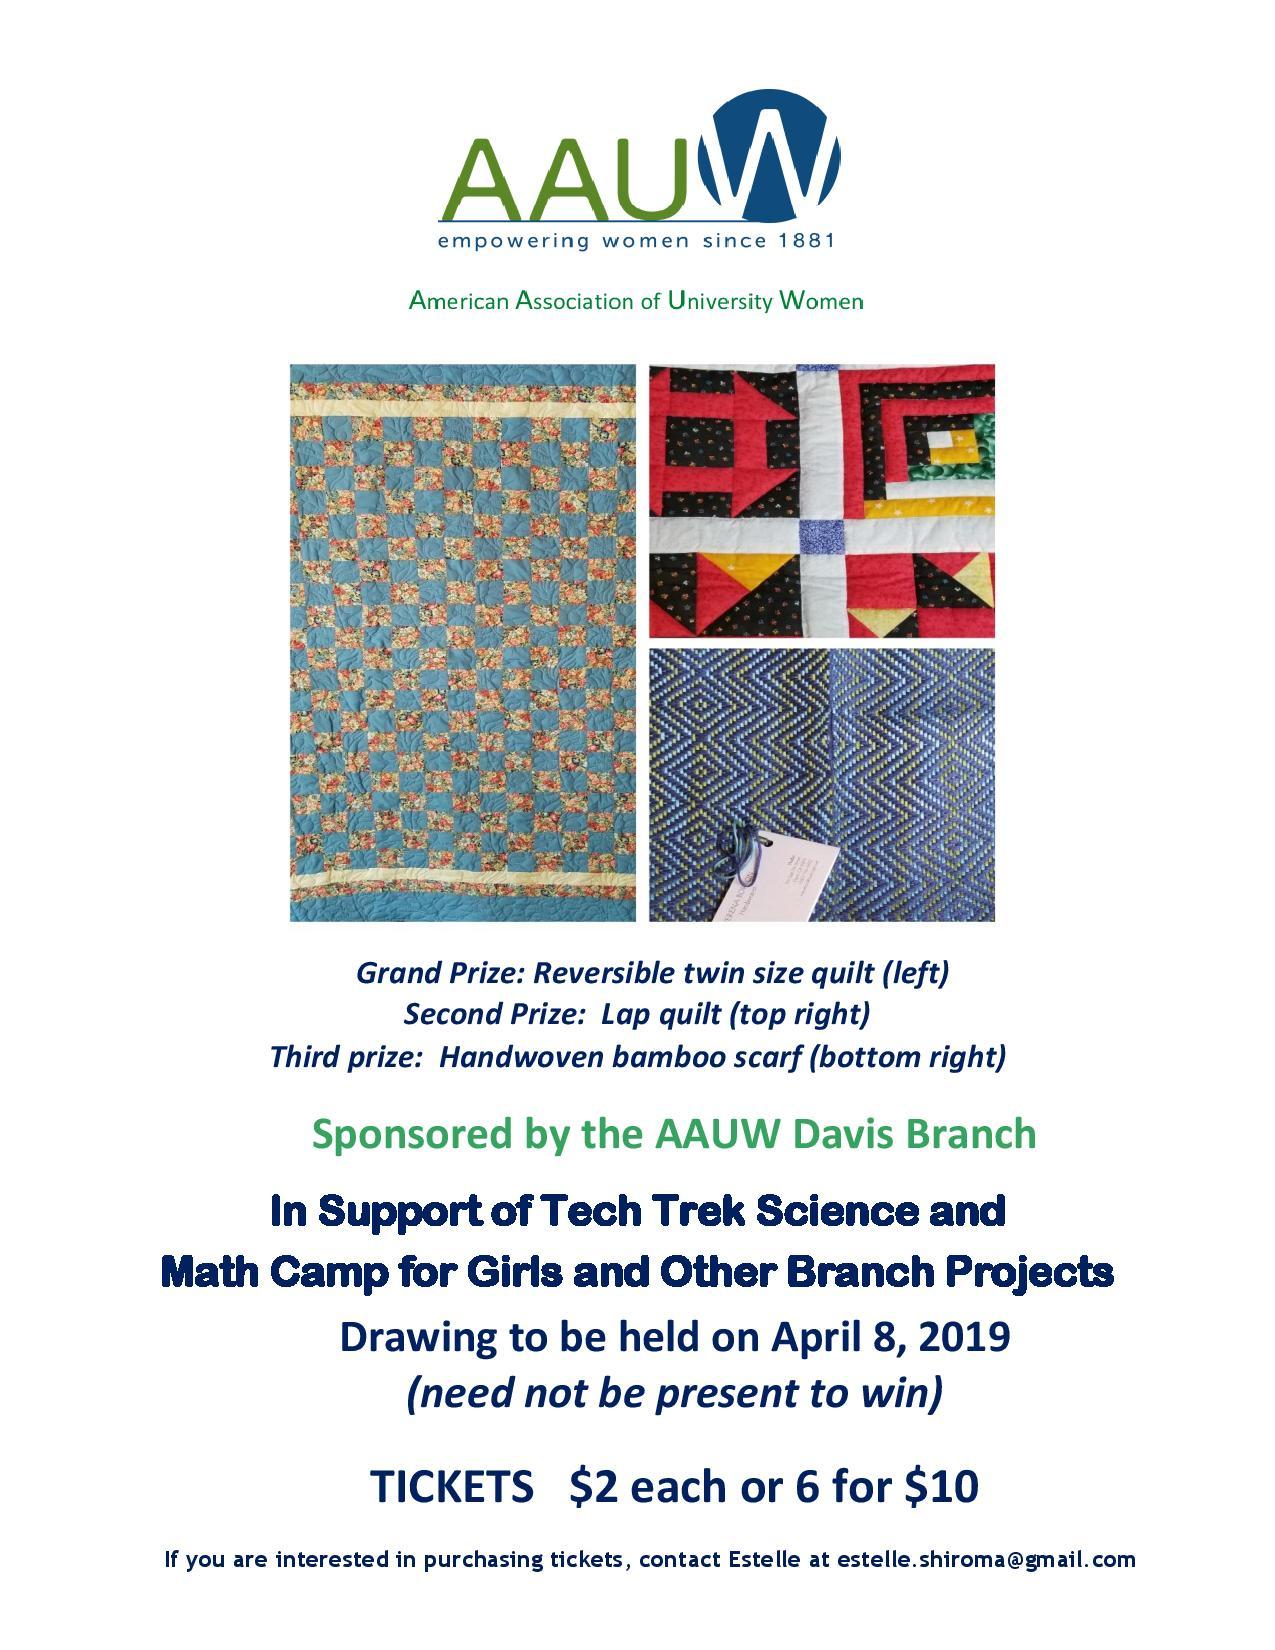 AAUW What We Do! | Davis (CA) Branch